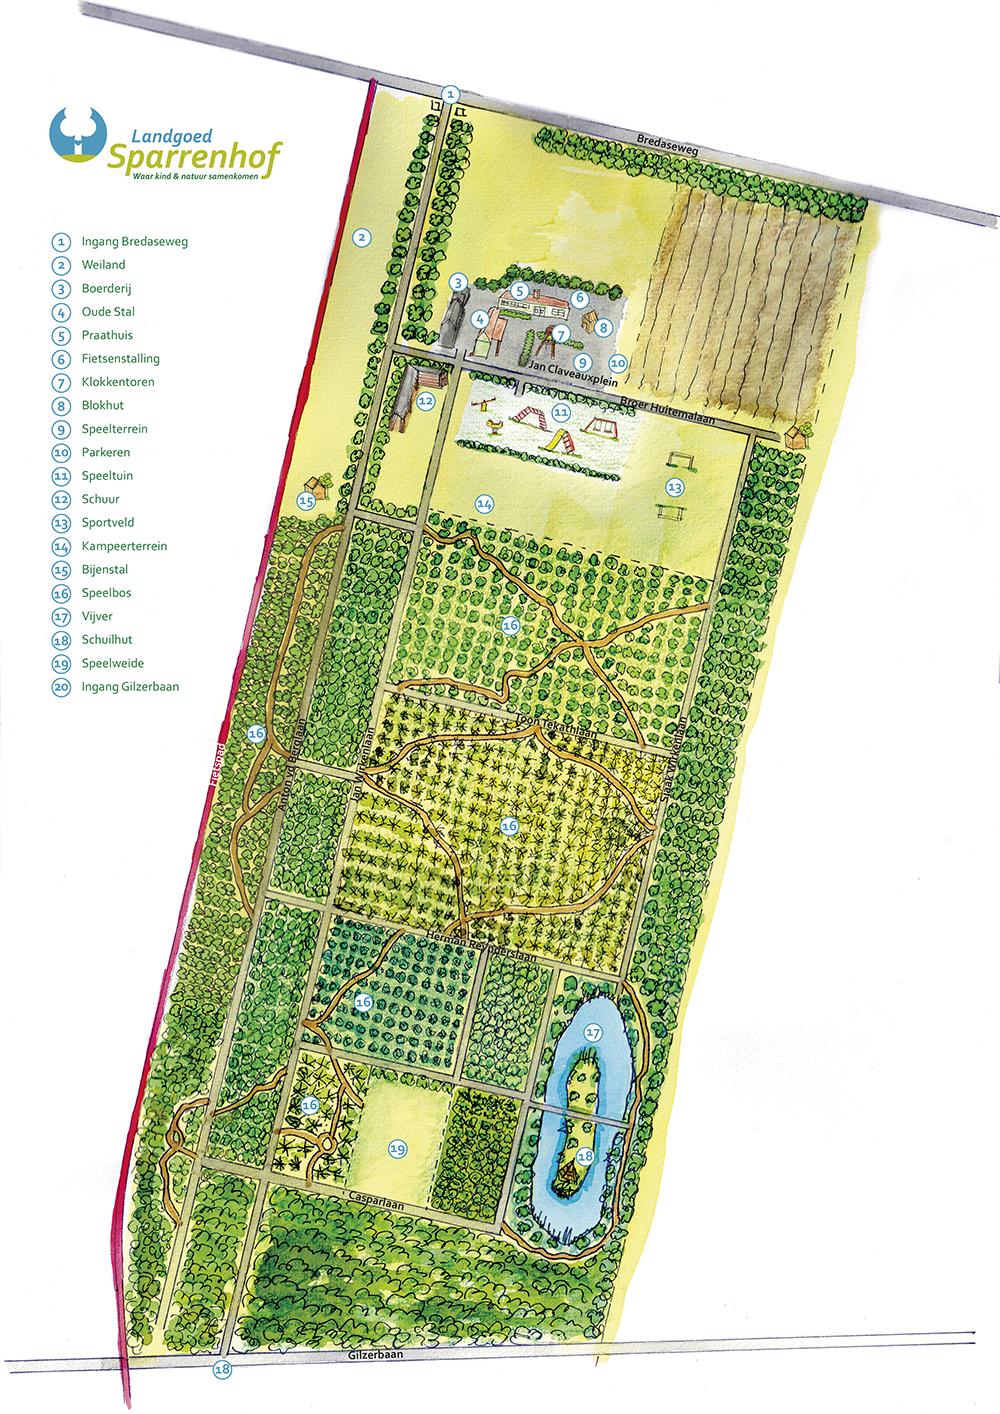 LandgoedSparrenhof_Plattegrond.indd